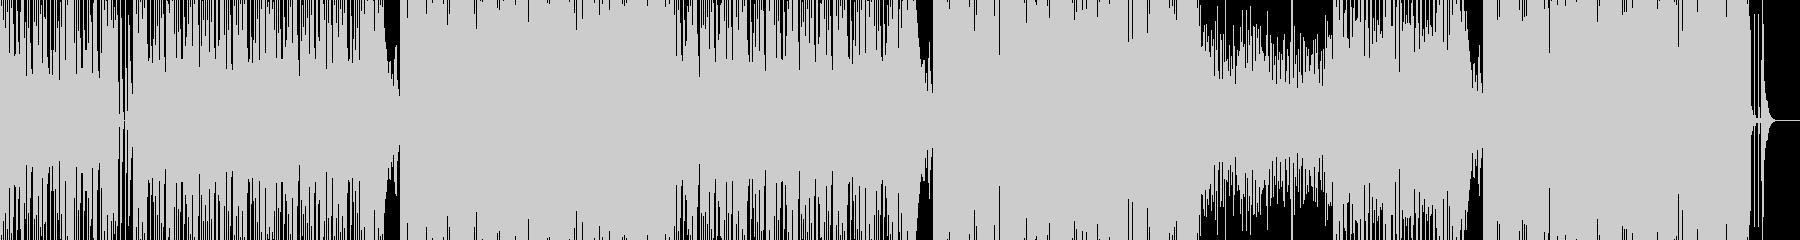 爽快でポップな笑顔溢れるBGMの未再生の波形